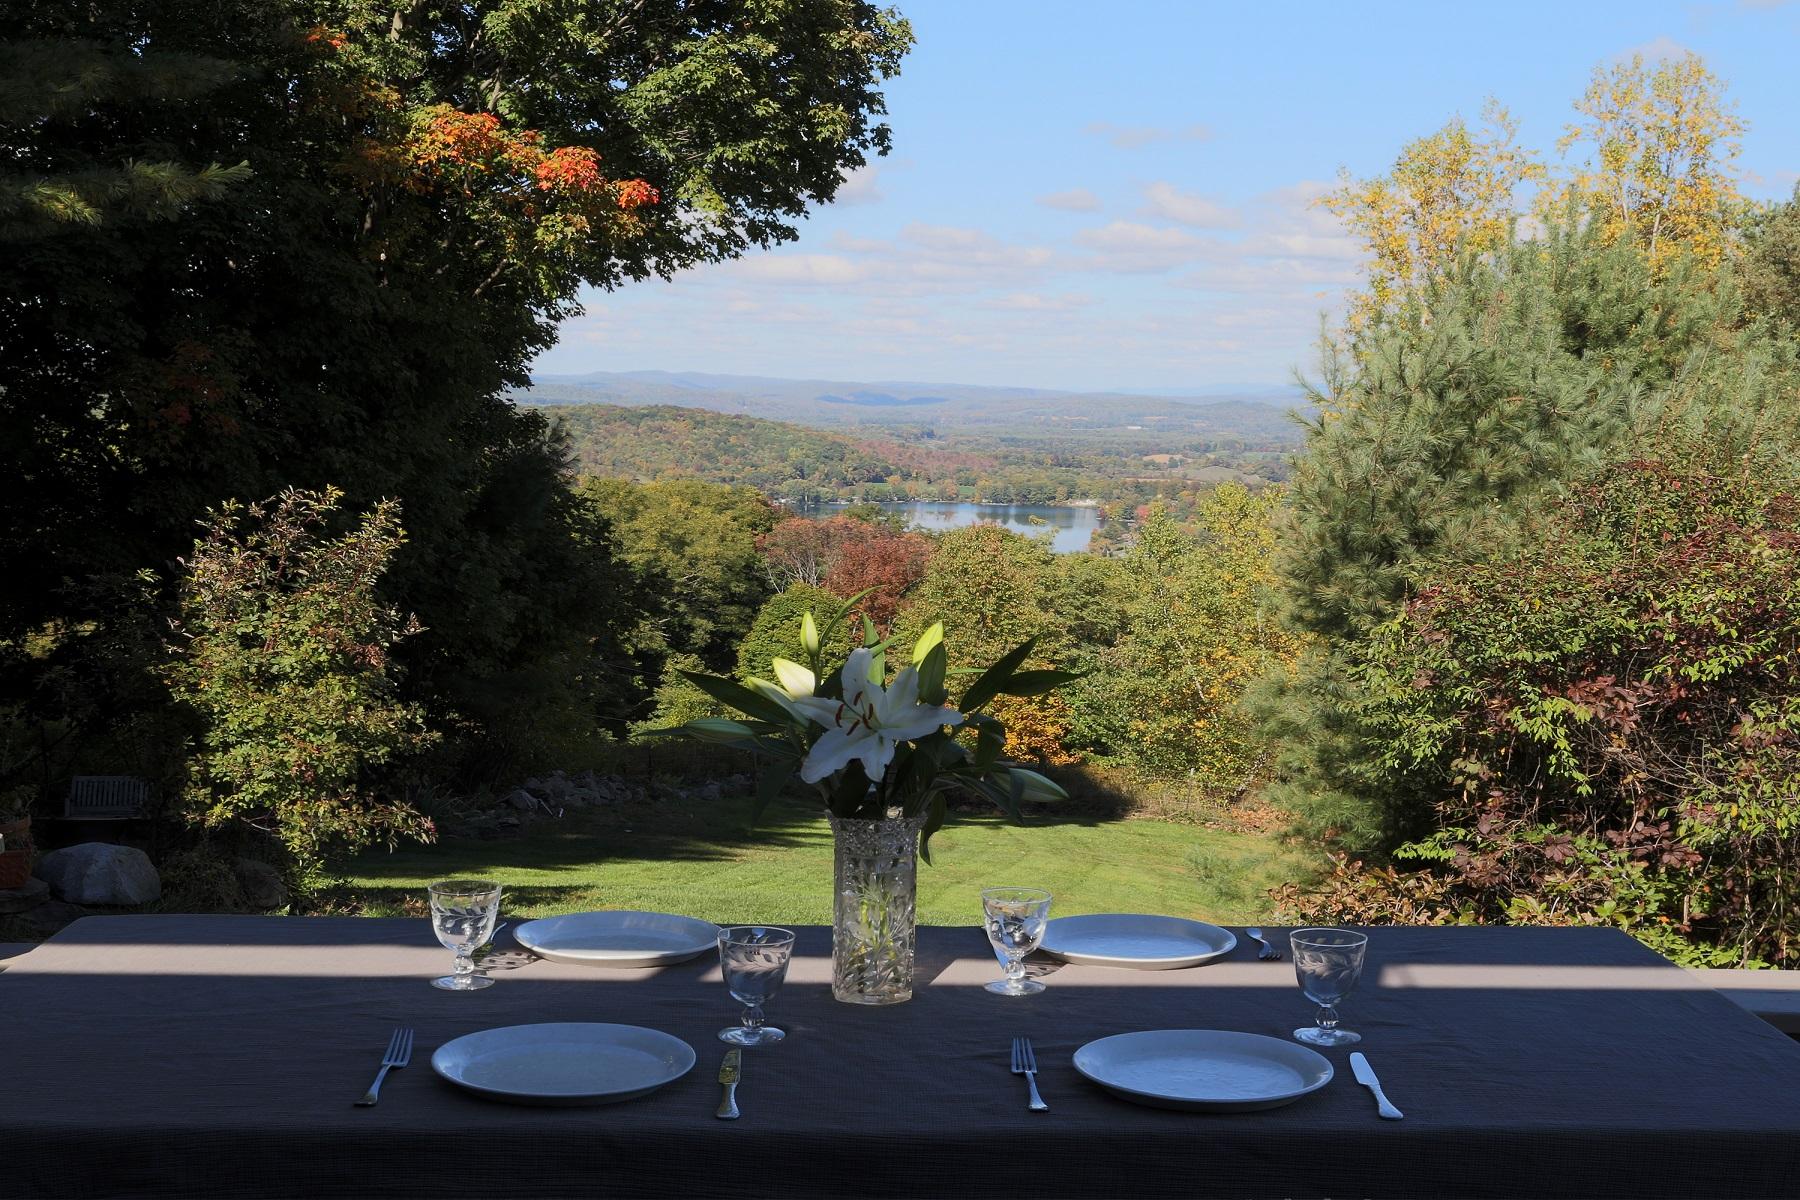 Частный односемейный дом для того Продажа на Unparalleled Views 65 Hedges Rd Cambridge, Нью-Йорк 12816 Соединенные Штаты